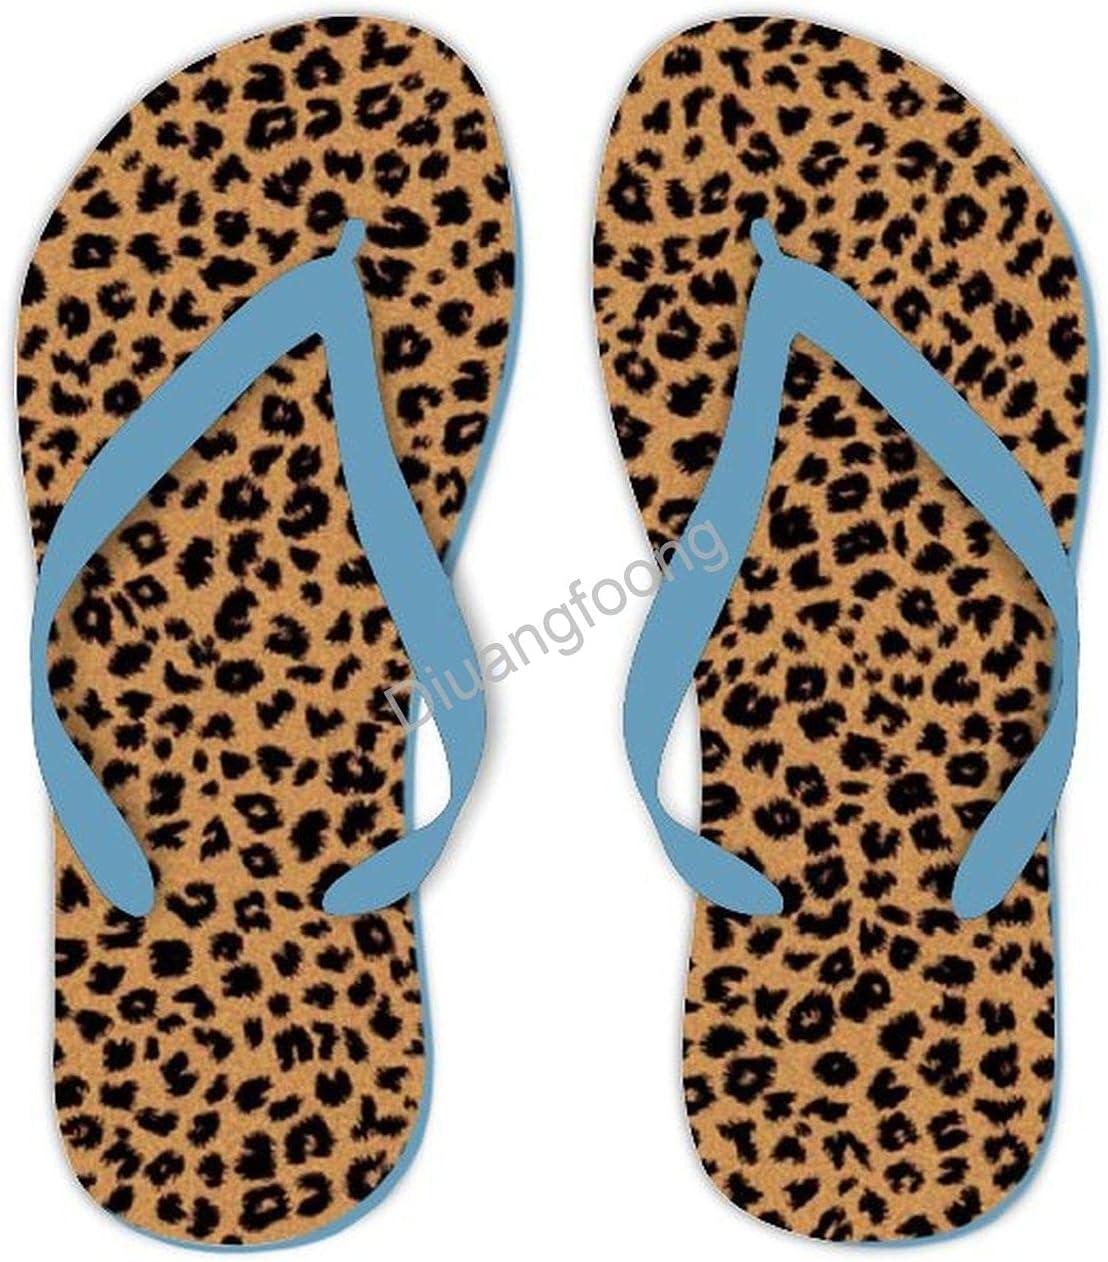 Leopard Flip Flop Comfort Unique Thong Sandals Pretty Sandal For Party Bathroom Travel Blue Style1